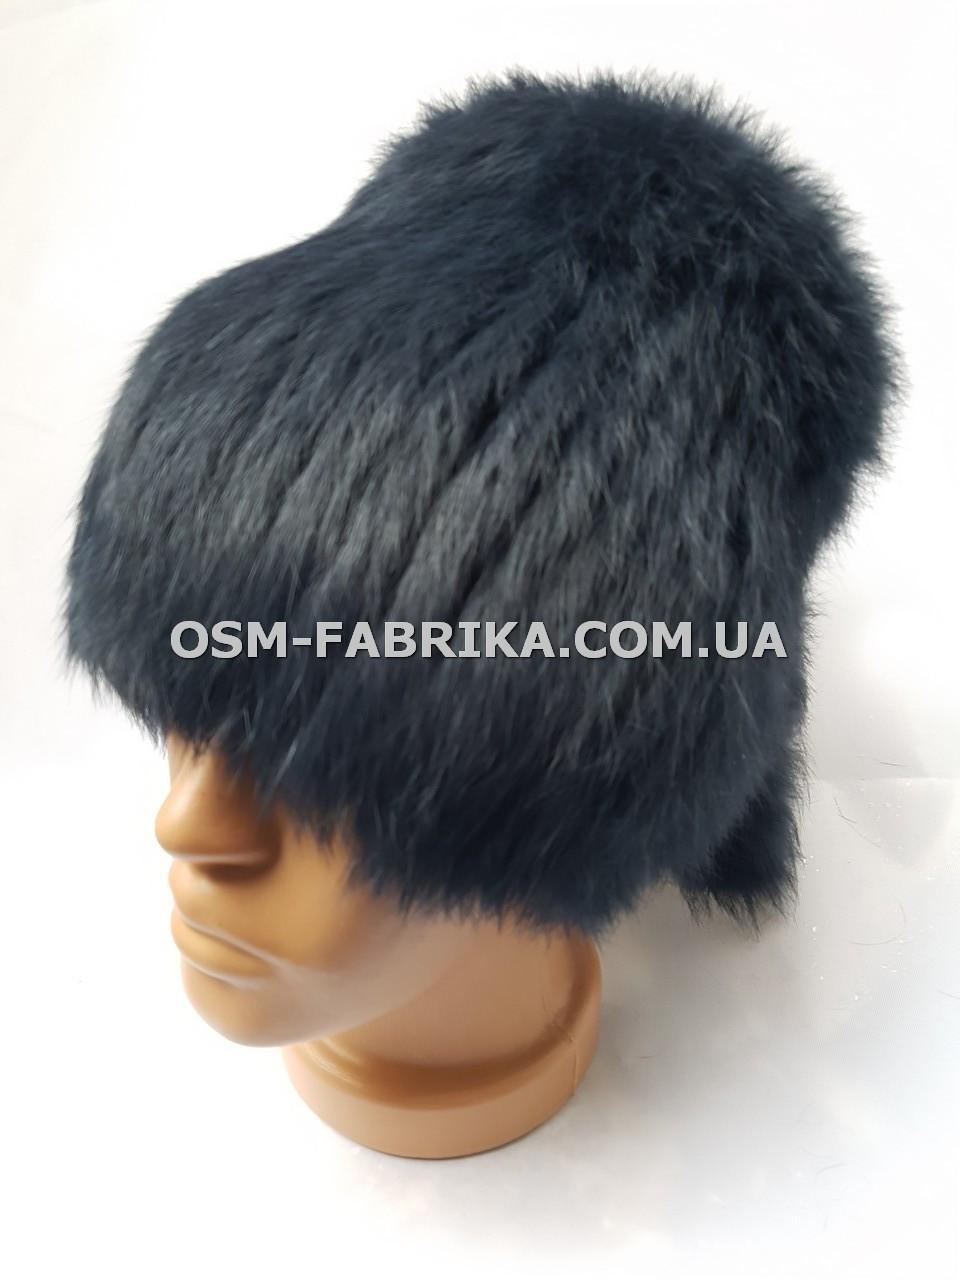 Стильная меховая шапка кролик от производителя